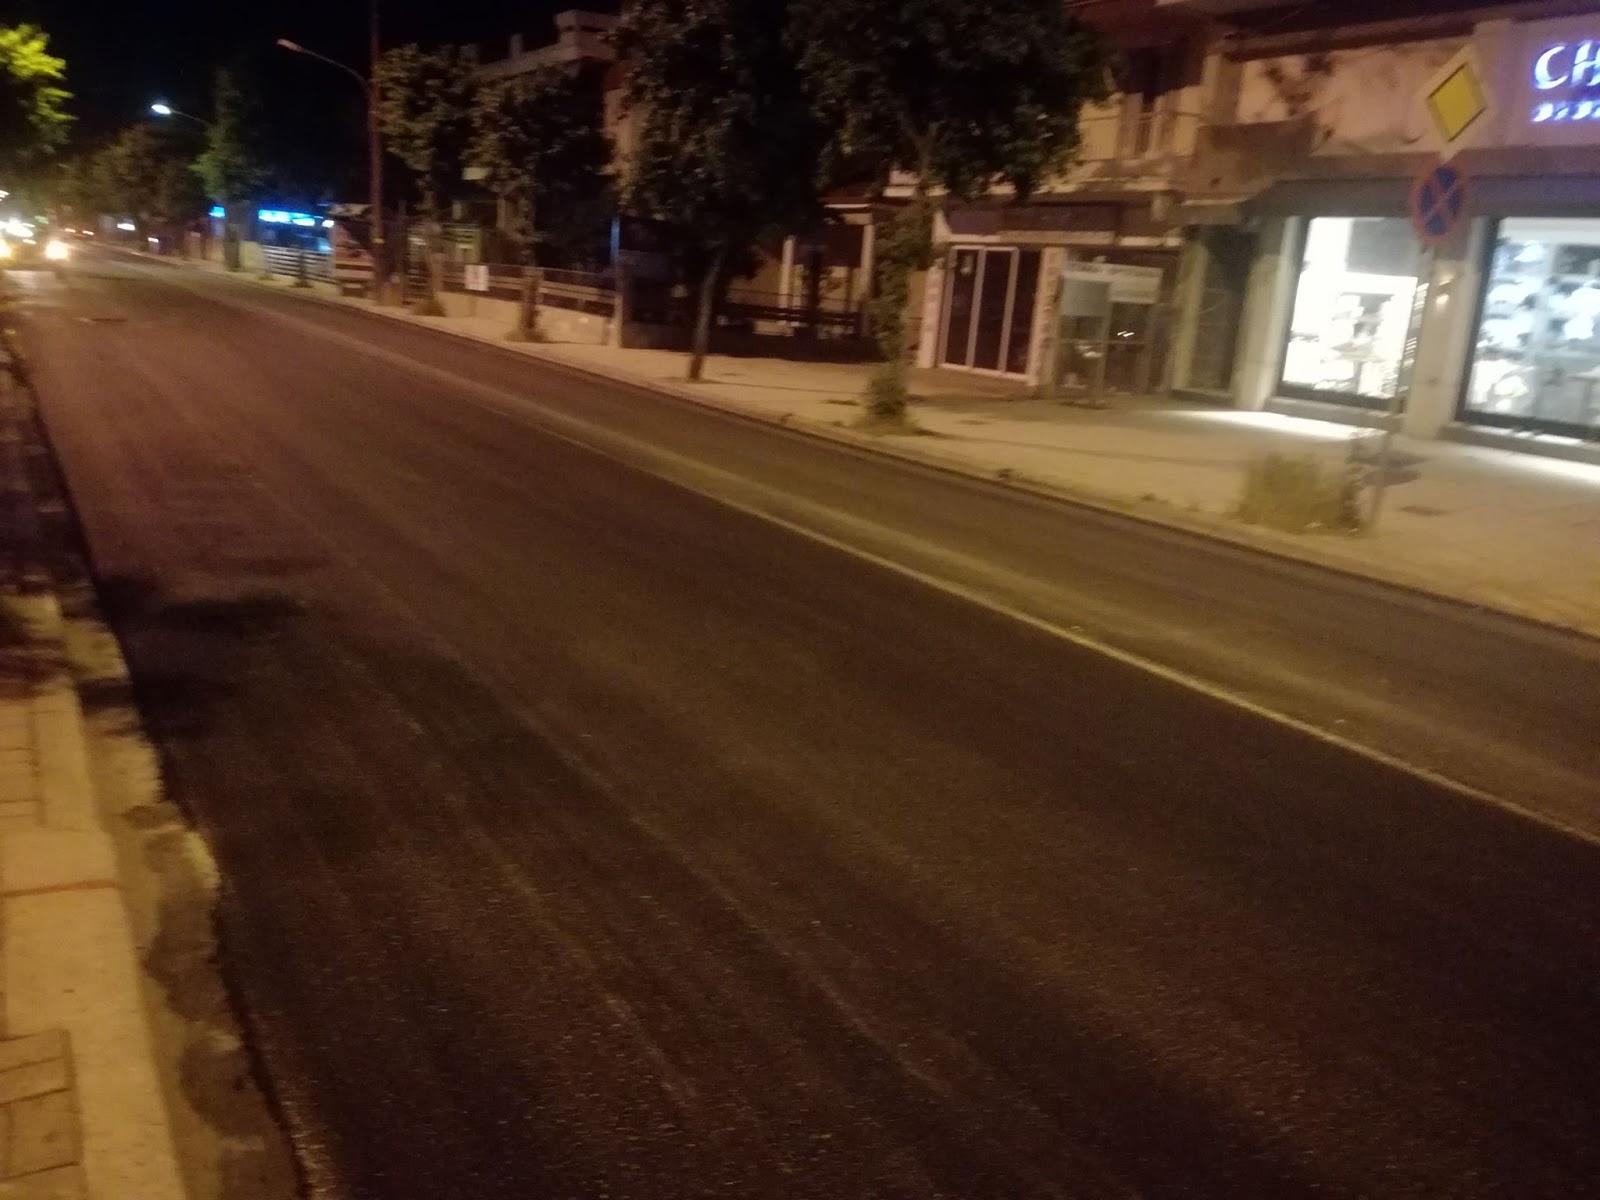 Ολοκληρώθηκε η ασφαλτόστρωση της οδού Φαρσάλων στη Λάρισα